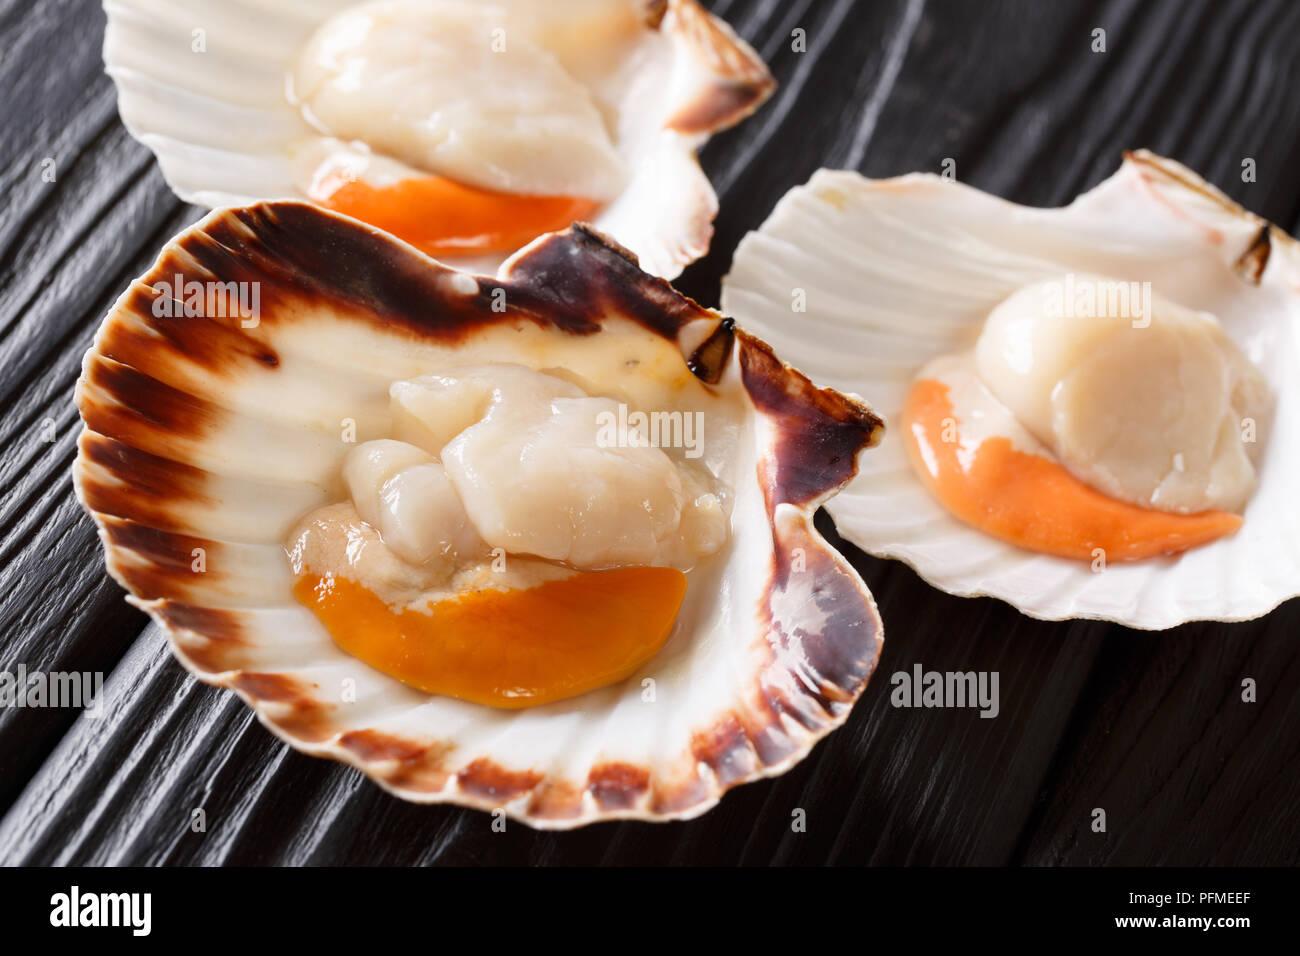 Sfondo di pesce con capesante fresche in bianco e marrone di gusci. Delicatezze di mare. formato orizzontale Foto Stock